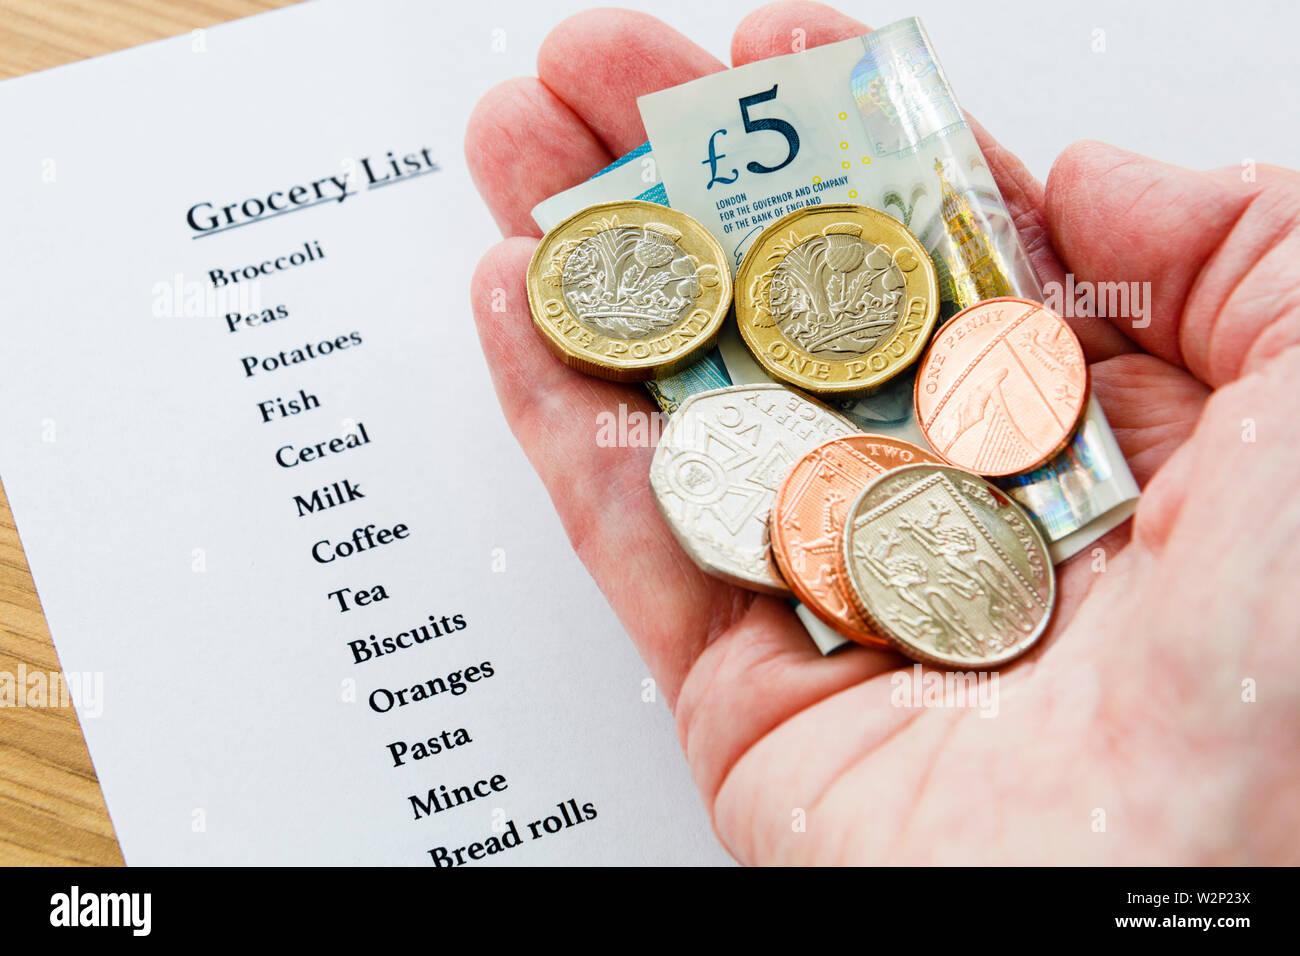 Un pauvre retraité senior's main tenant une petite quantité d'argent nouveau GBP avec une liste de courses à l'épicerie de la notion d'austérité Angleterre Royaume-uni Grande-Bretagne Banque D'Images